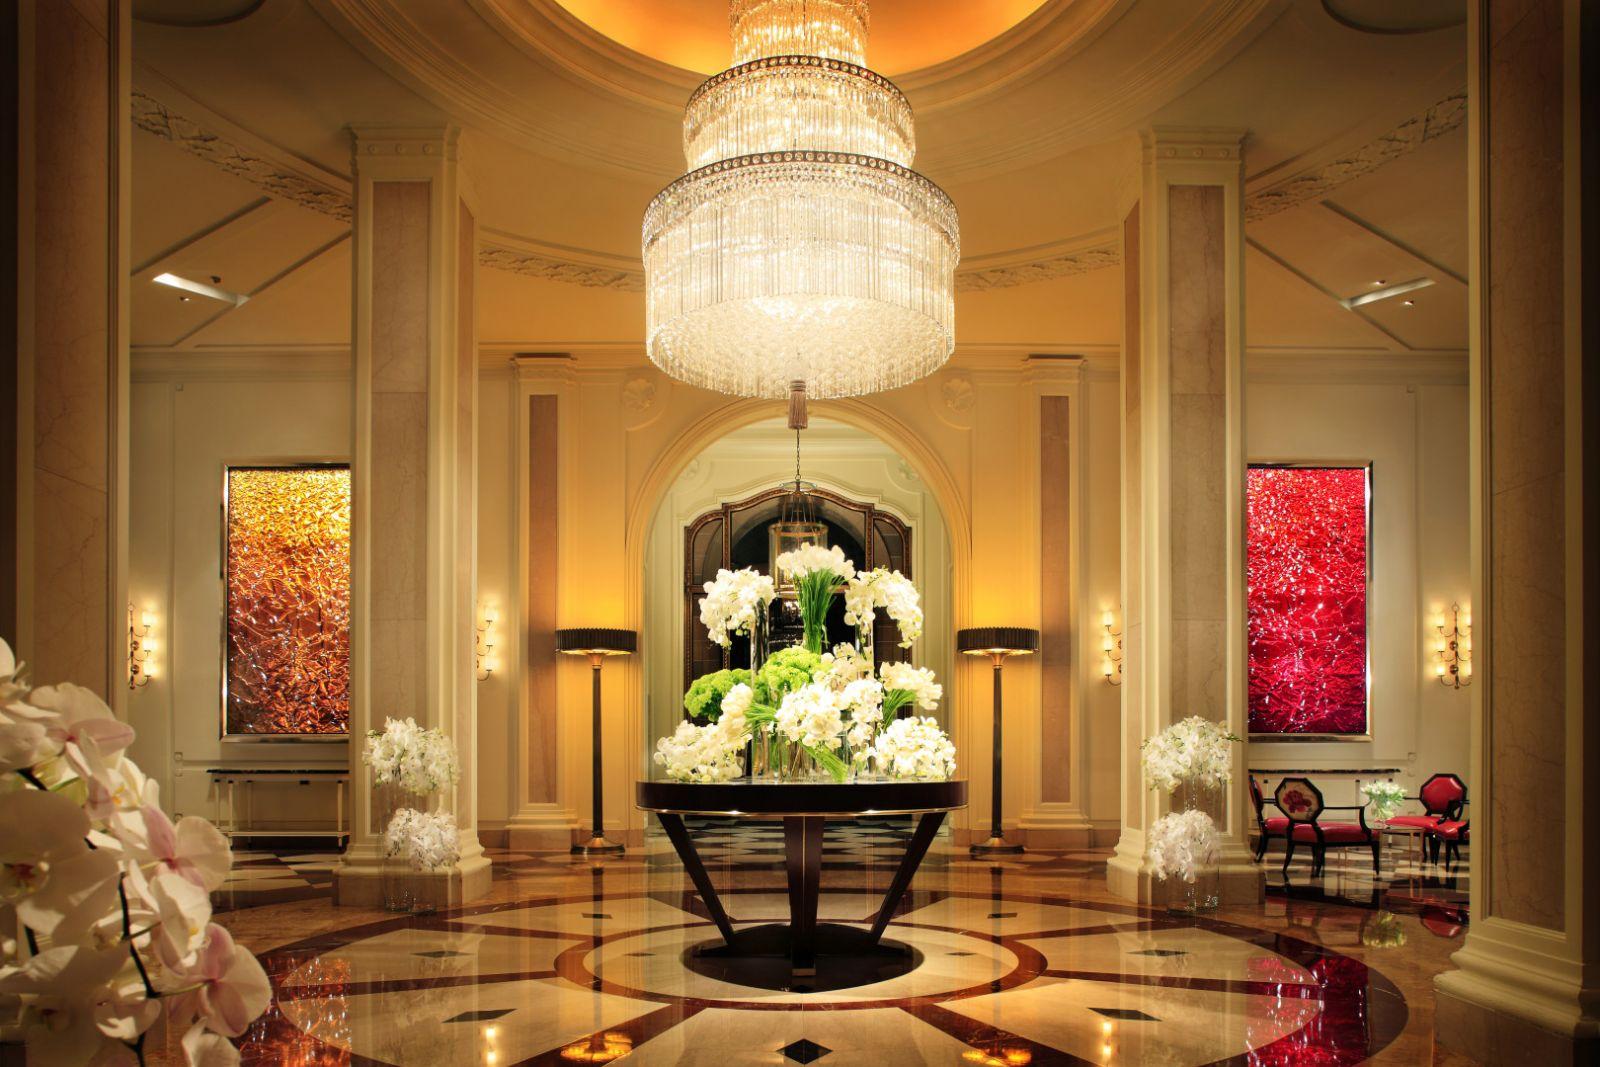 Ánh sáng đèn đóng vai trò rất quan trọng cho bất kỳ không gian nội thất nào.